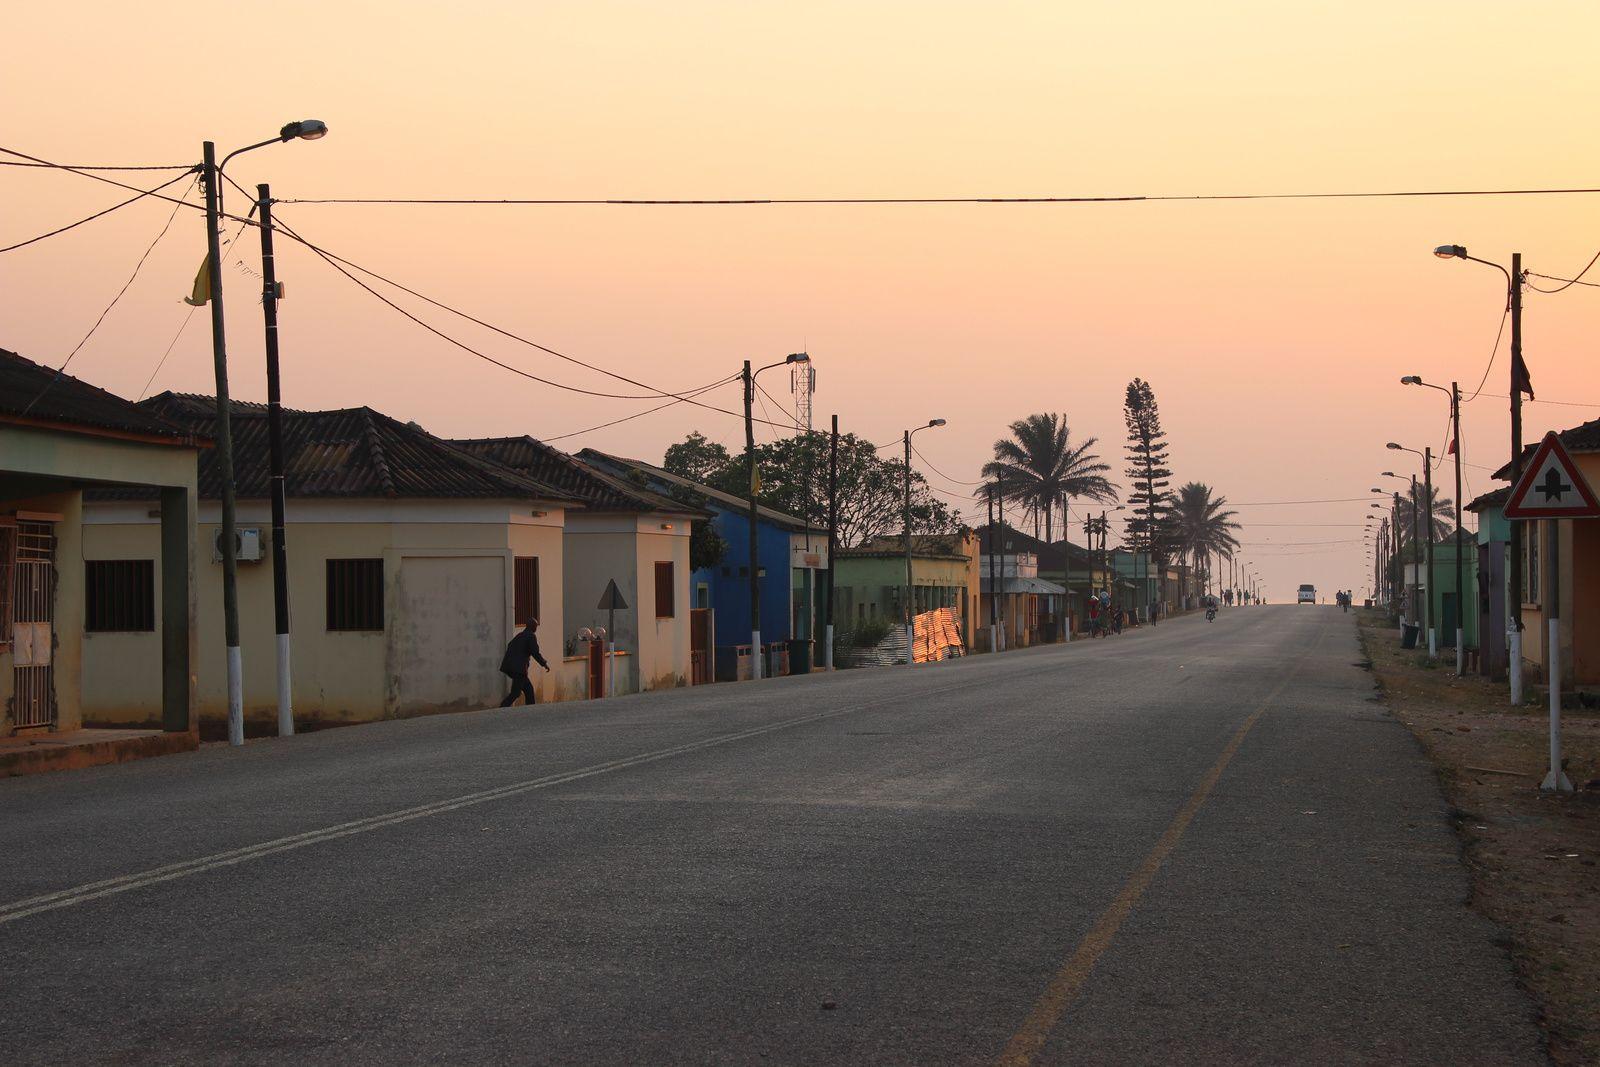 Aspecto da vila da Mukaba. Imagem do Muana Damba